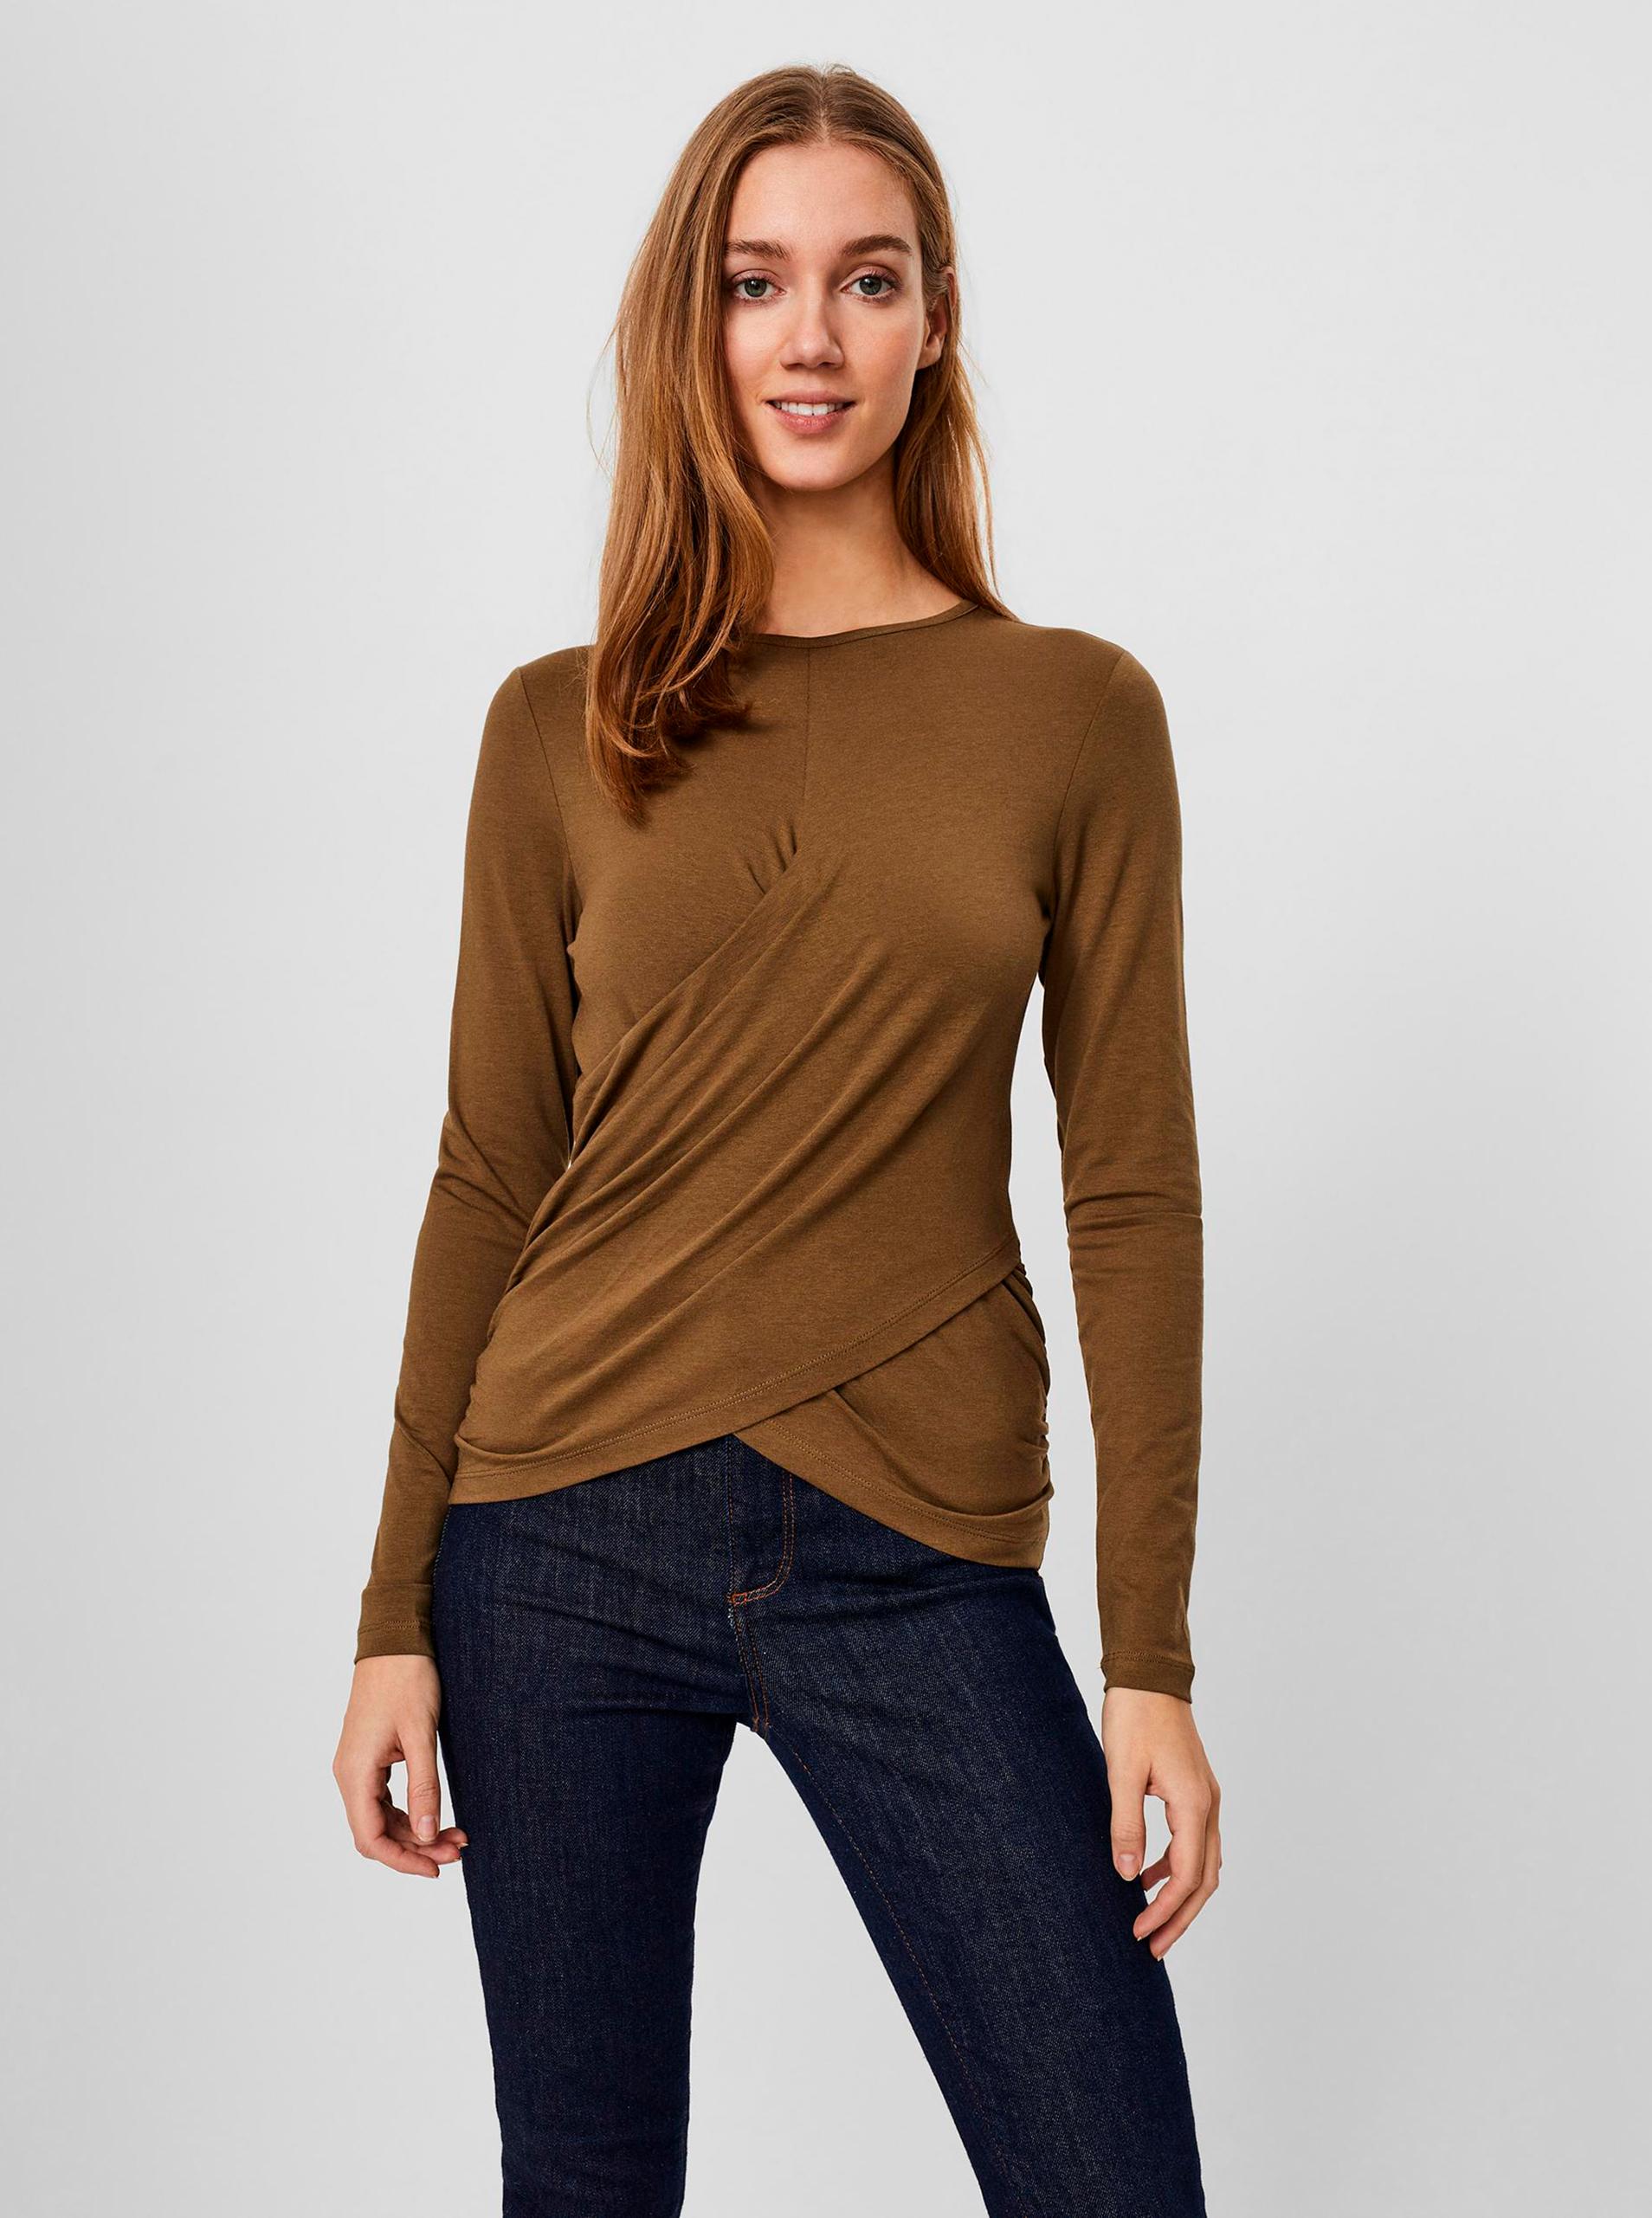 Vero Moda rjava majica